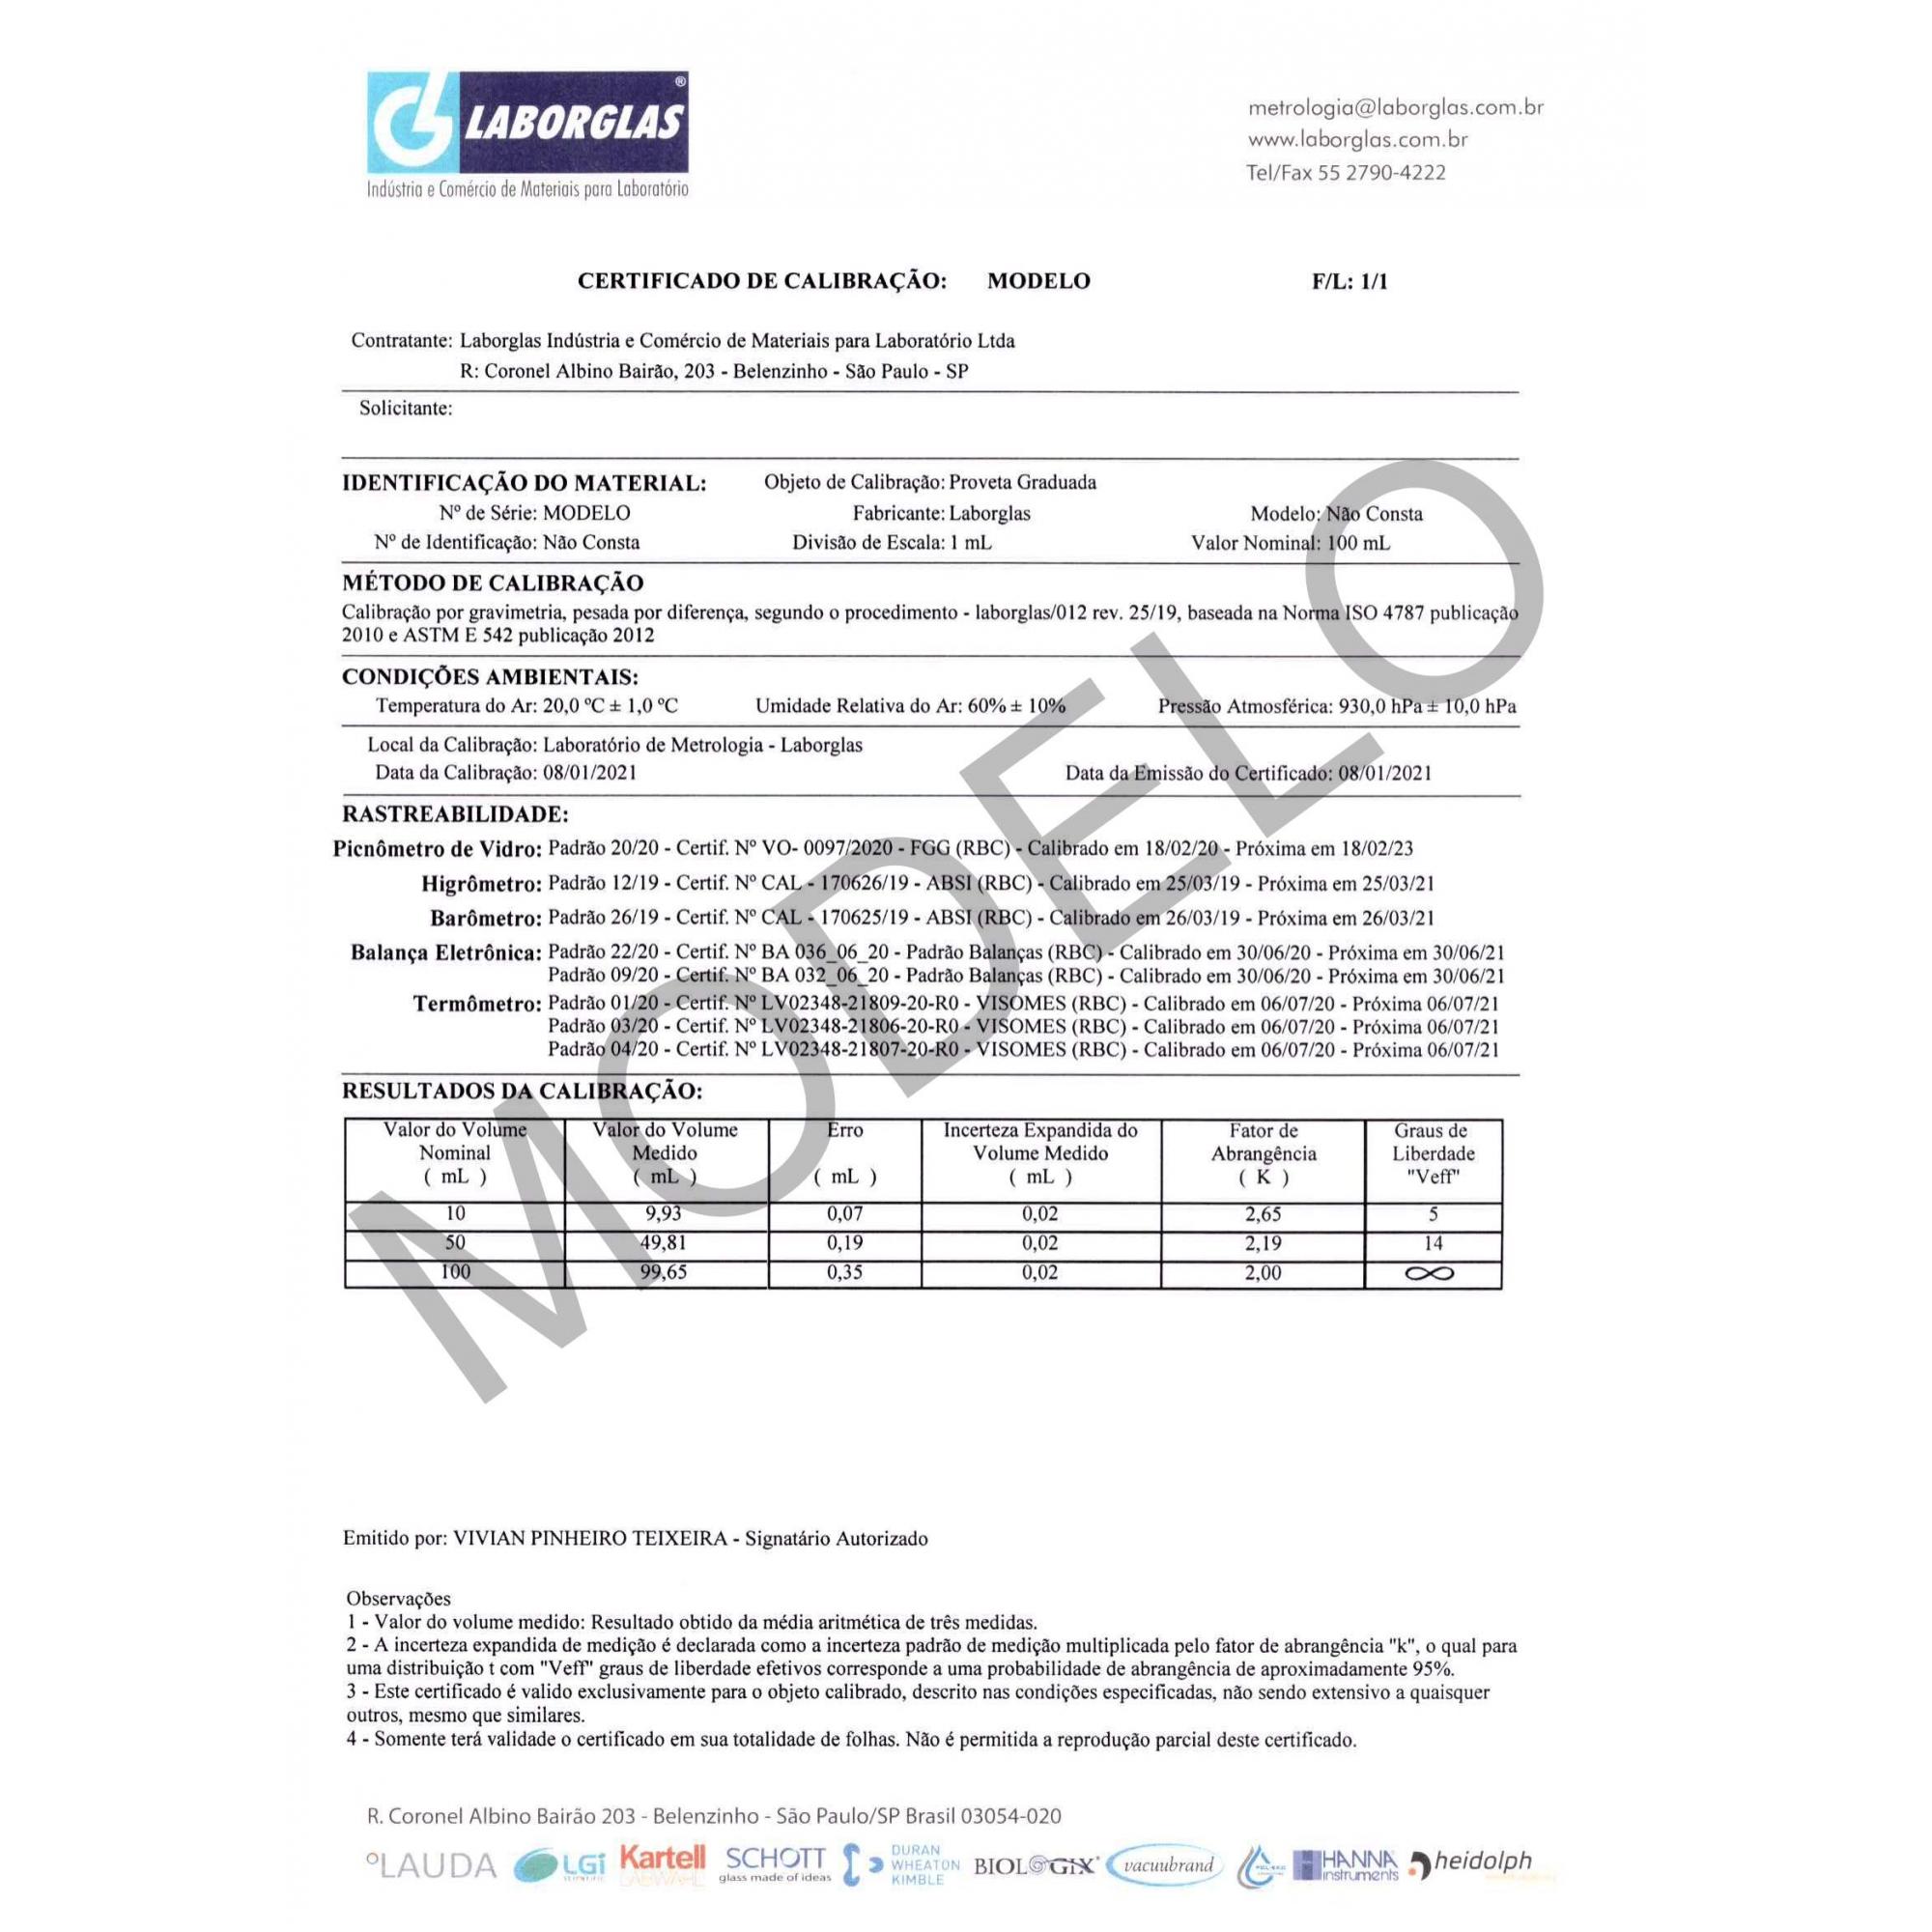 PROVETA GRADUADA BASE HEXAGONAL DE VIDRO 250 ML CERTIFICADO RASTREÁVEL - Laborglas - Cód. 9139636-C